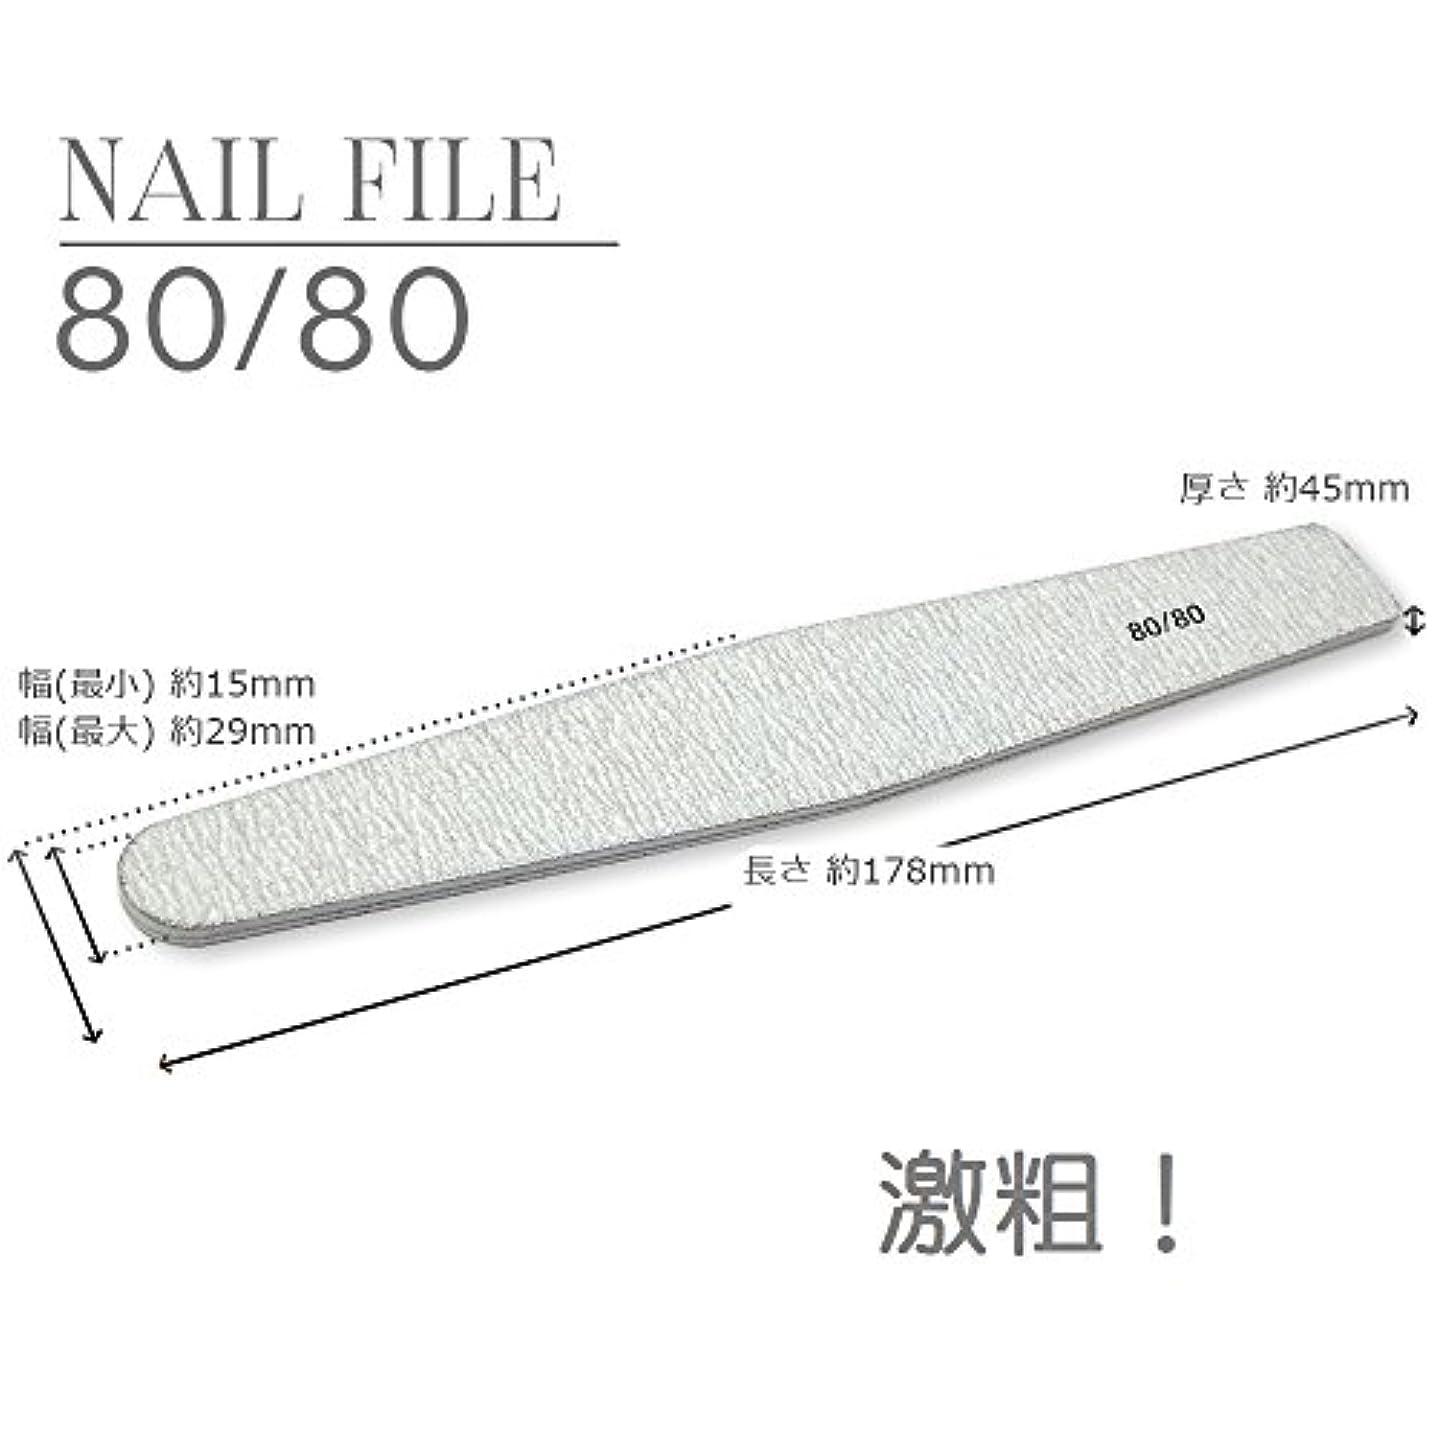 部屋を掃除する慣れるマイコンネイルファイル【80/80】激粗 1本 ★ガリガリ削れます!